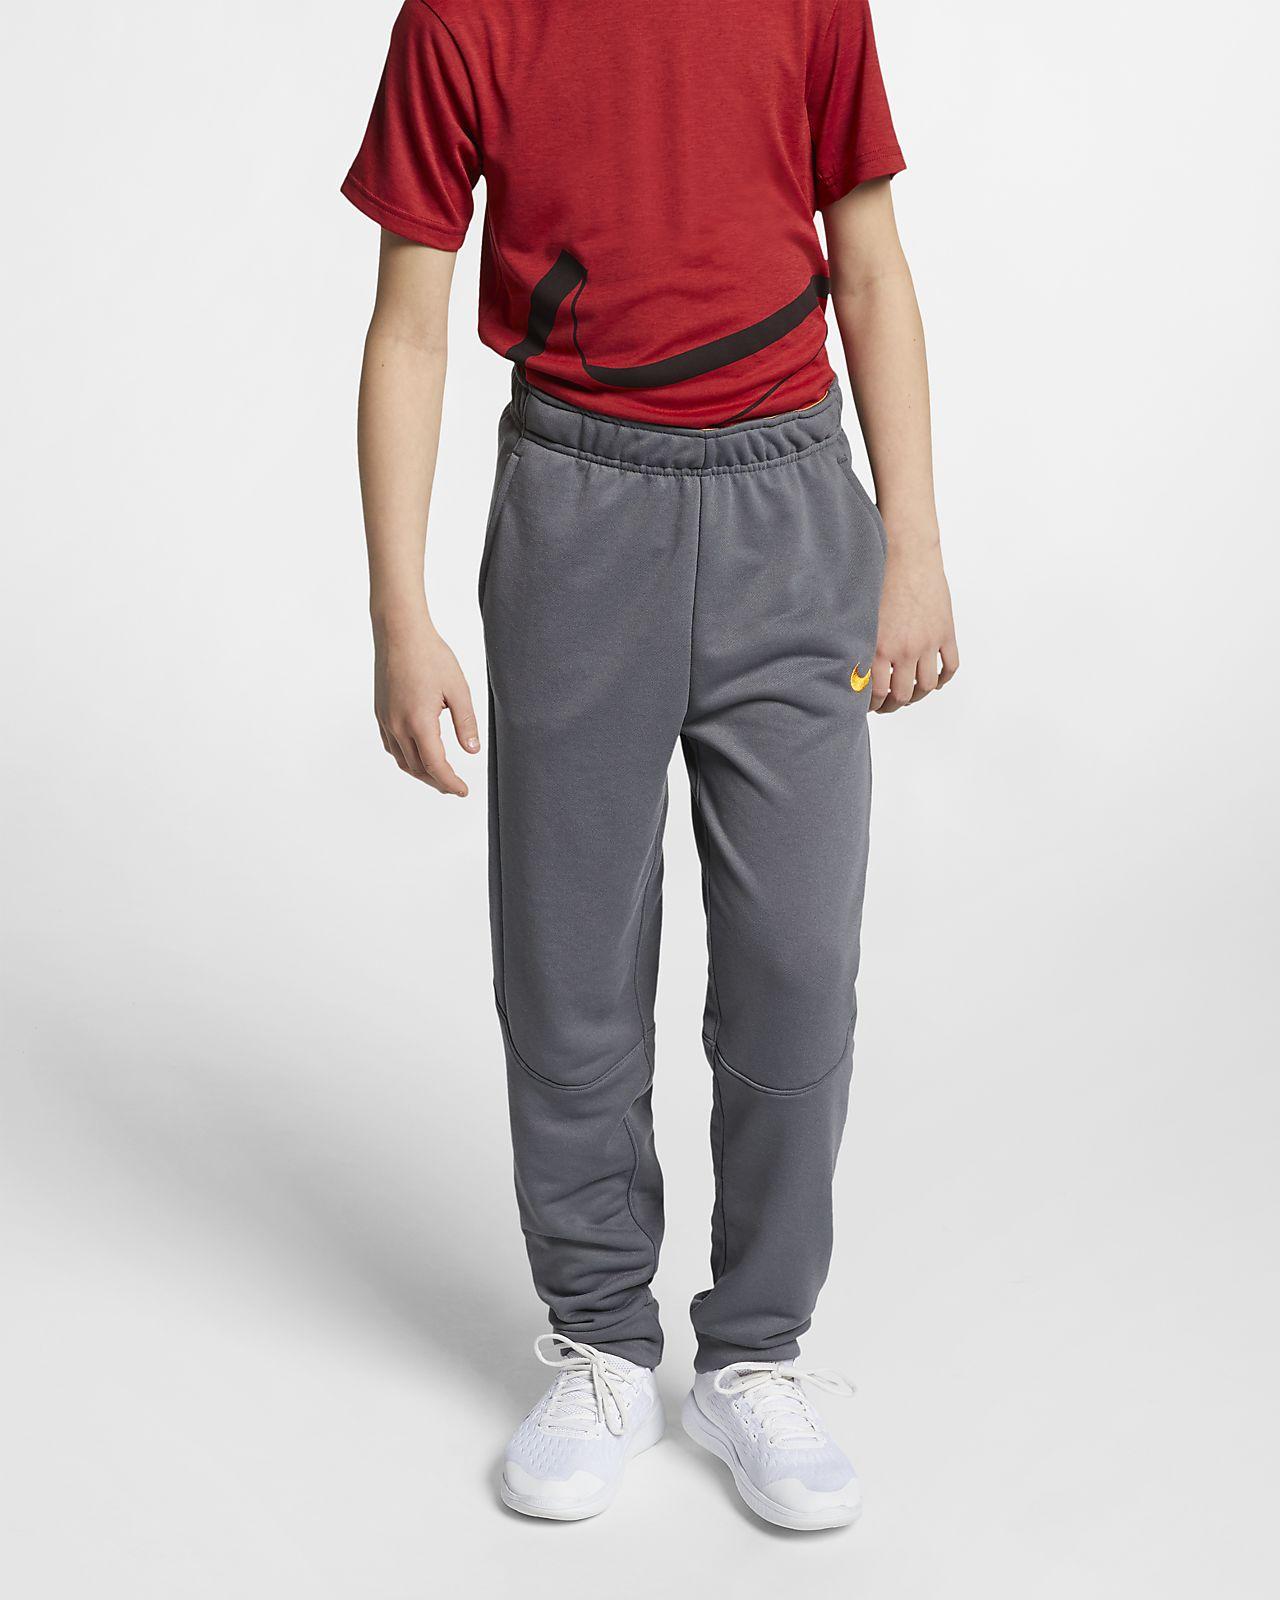 Pantalones de entrenamiento para niño talla grande Nike Dri-FIT